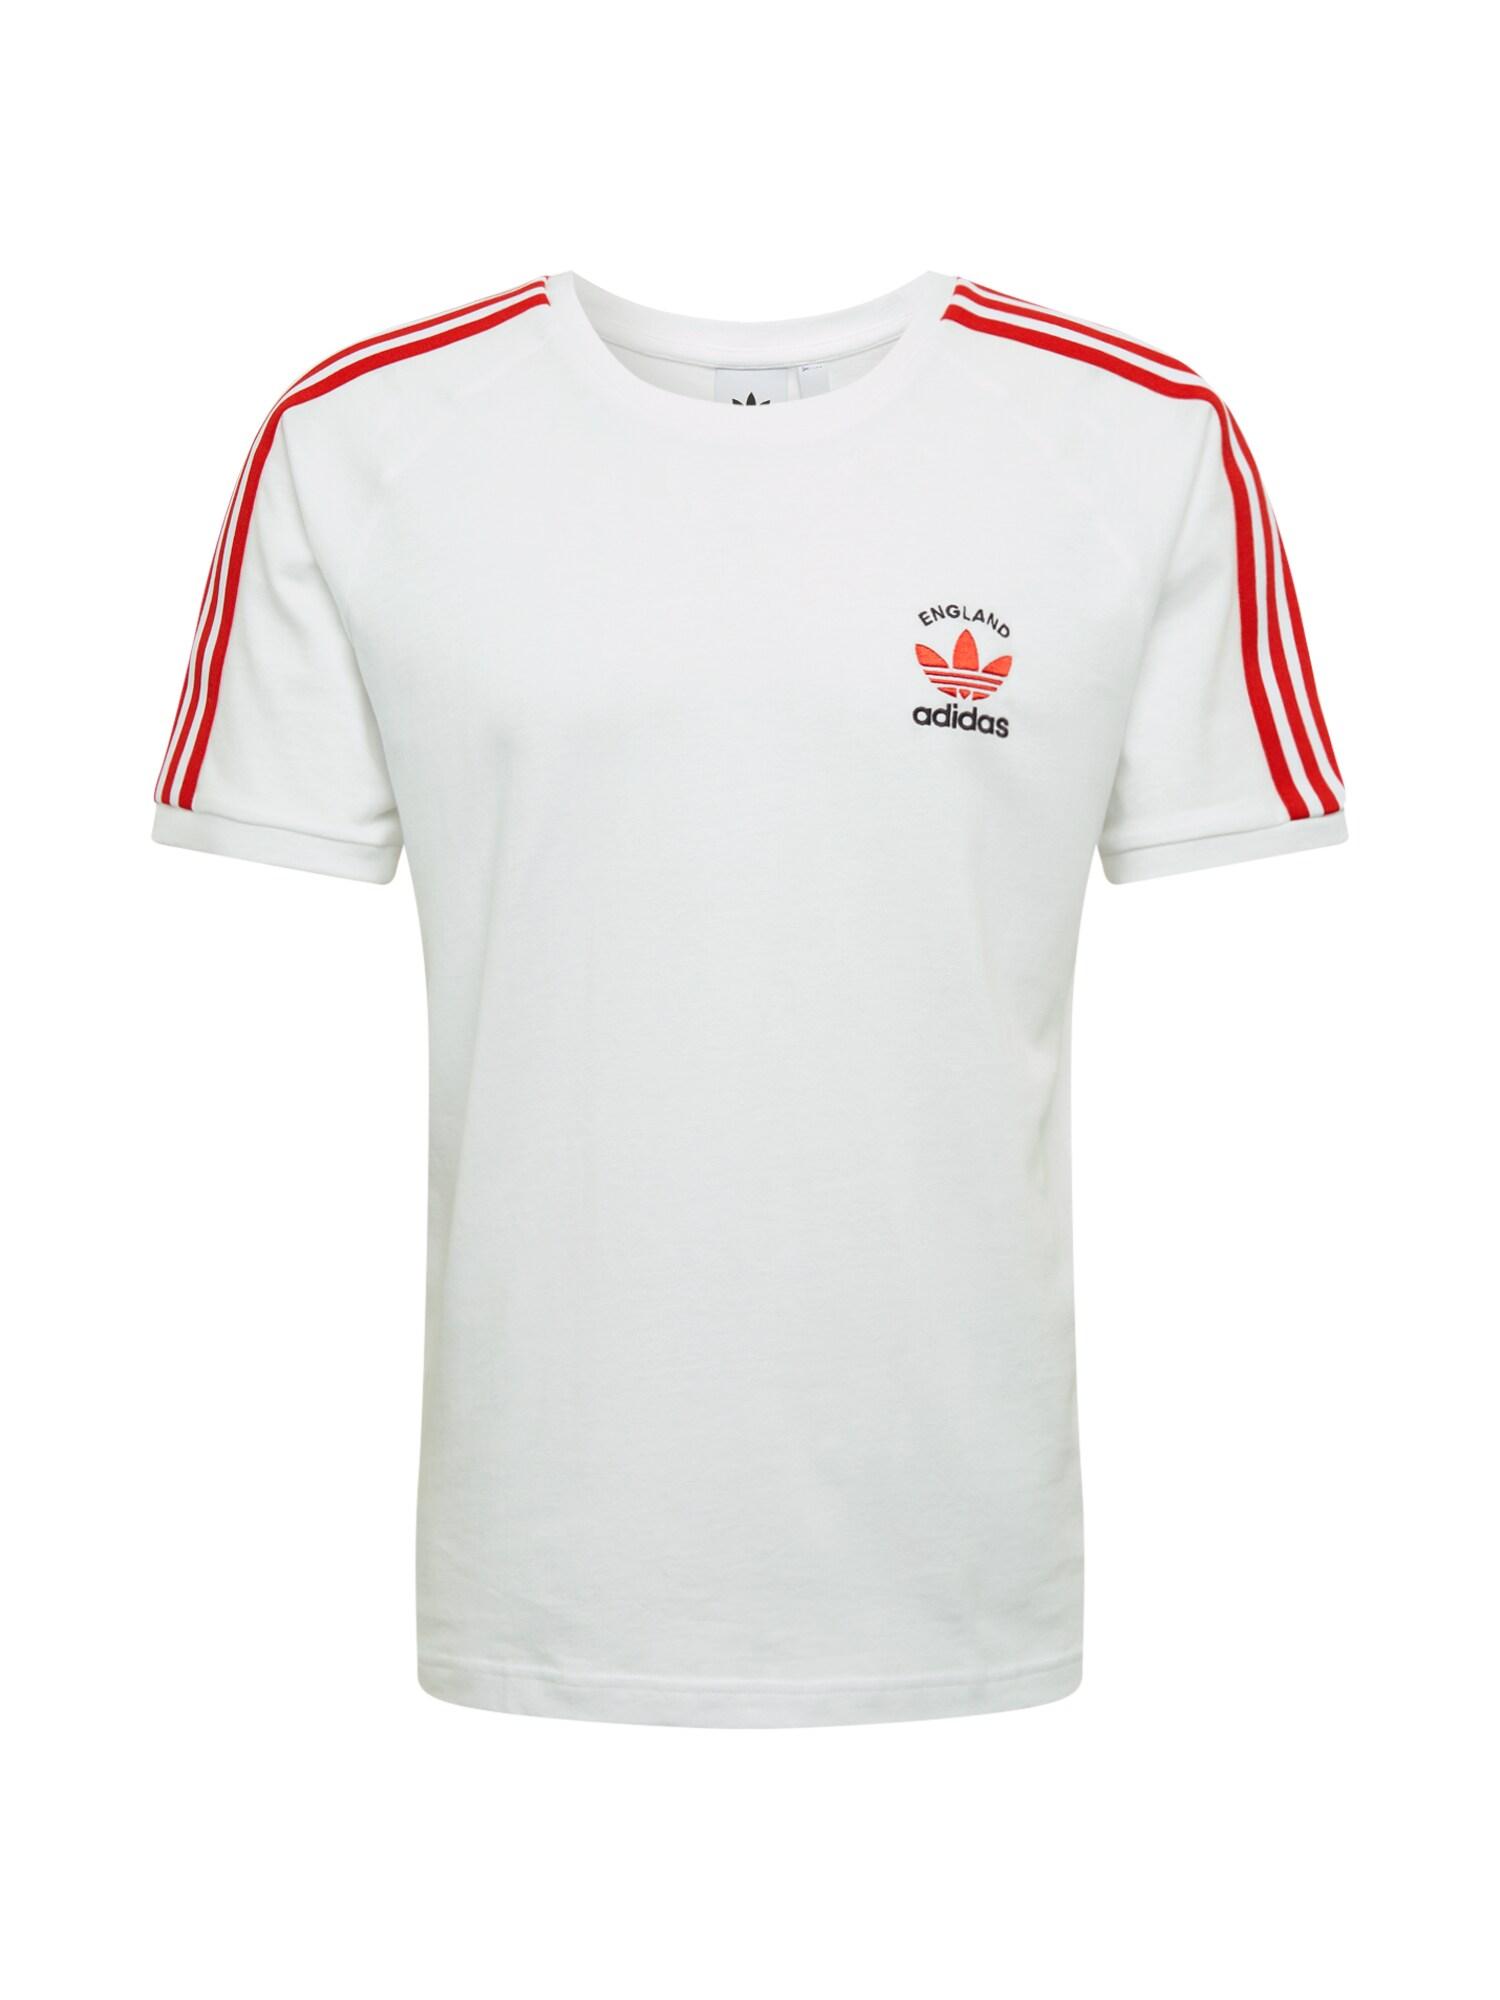 ADIDAS ORIGINALS Tričko '3-S'  červené / biela